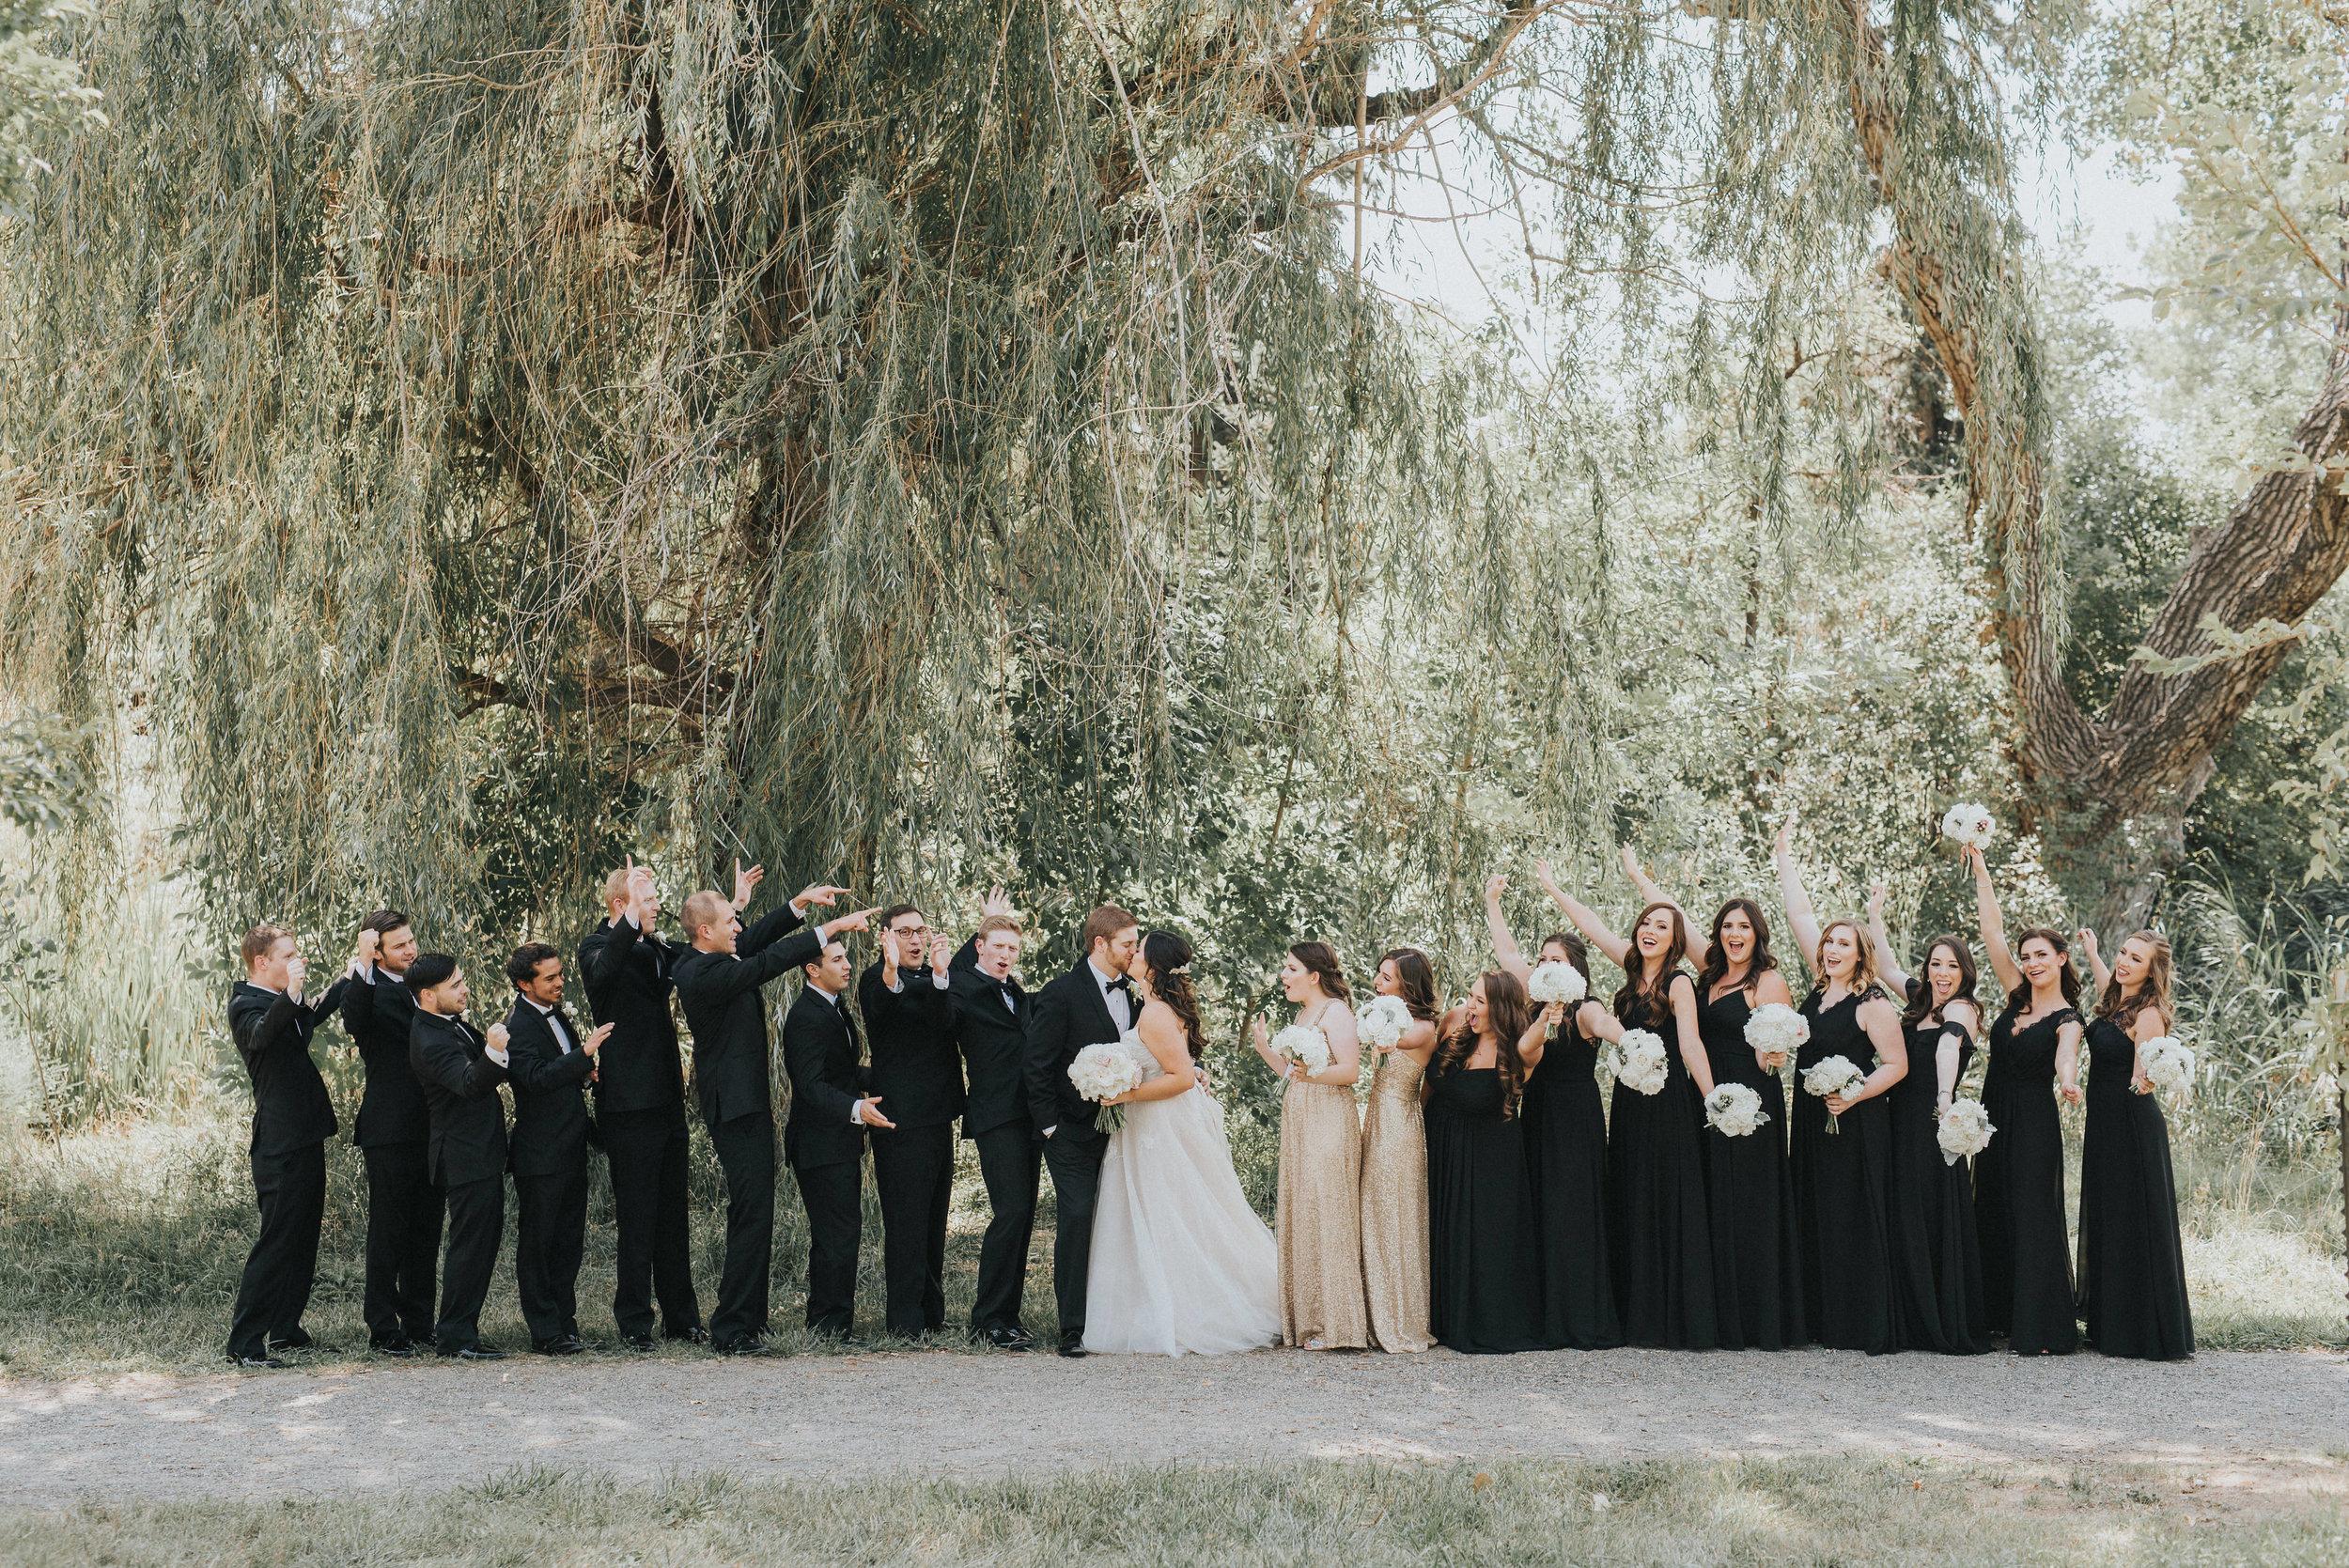 kayla_sammy_wedding-254.jpg